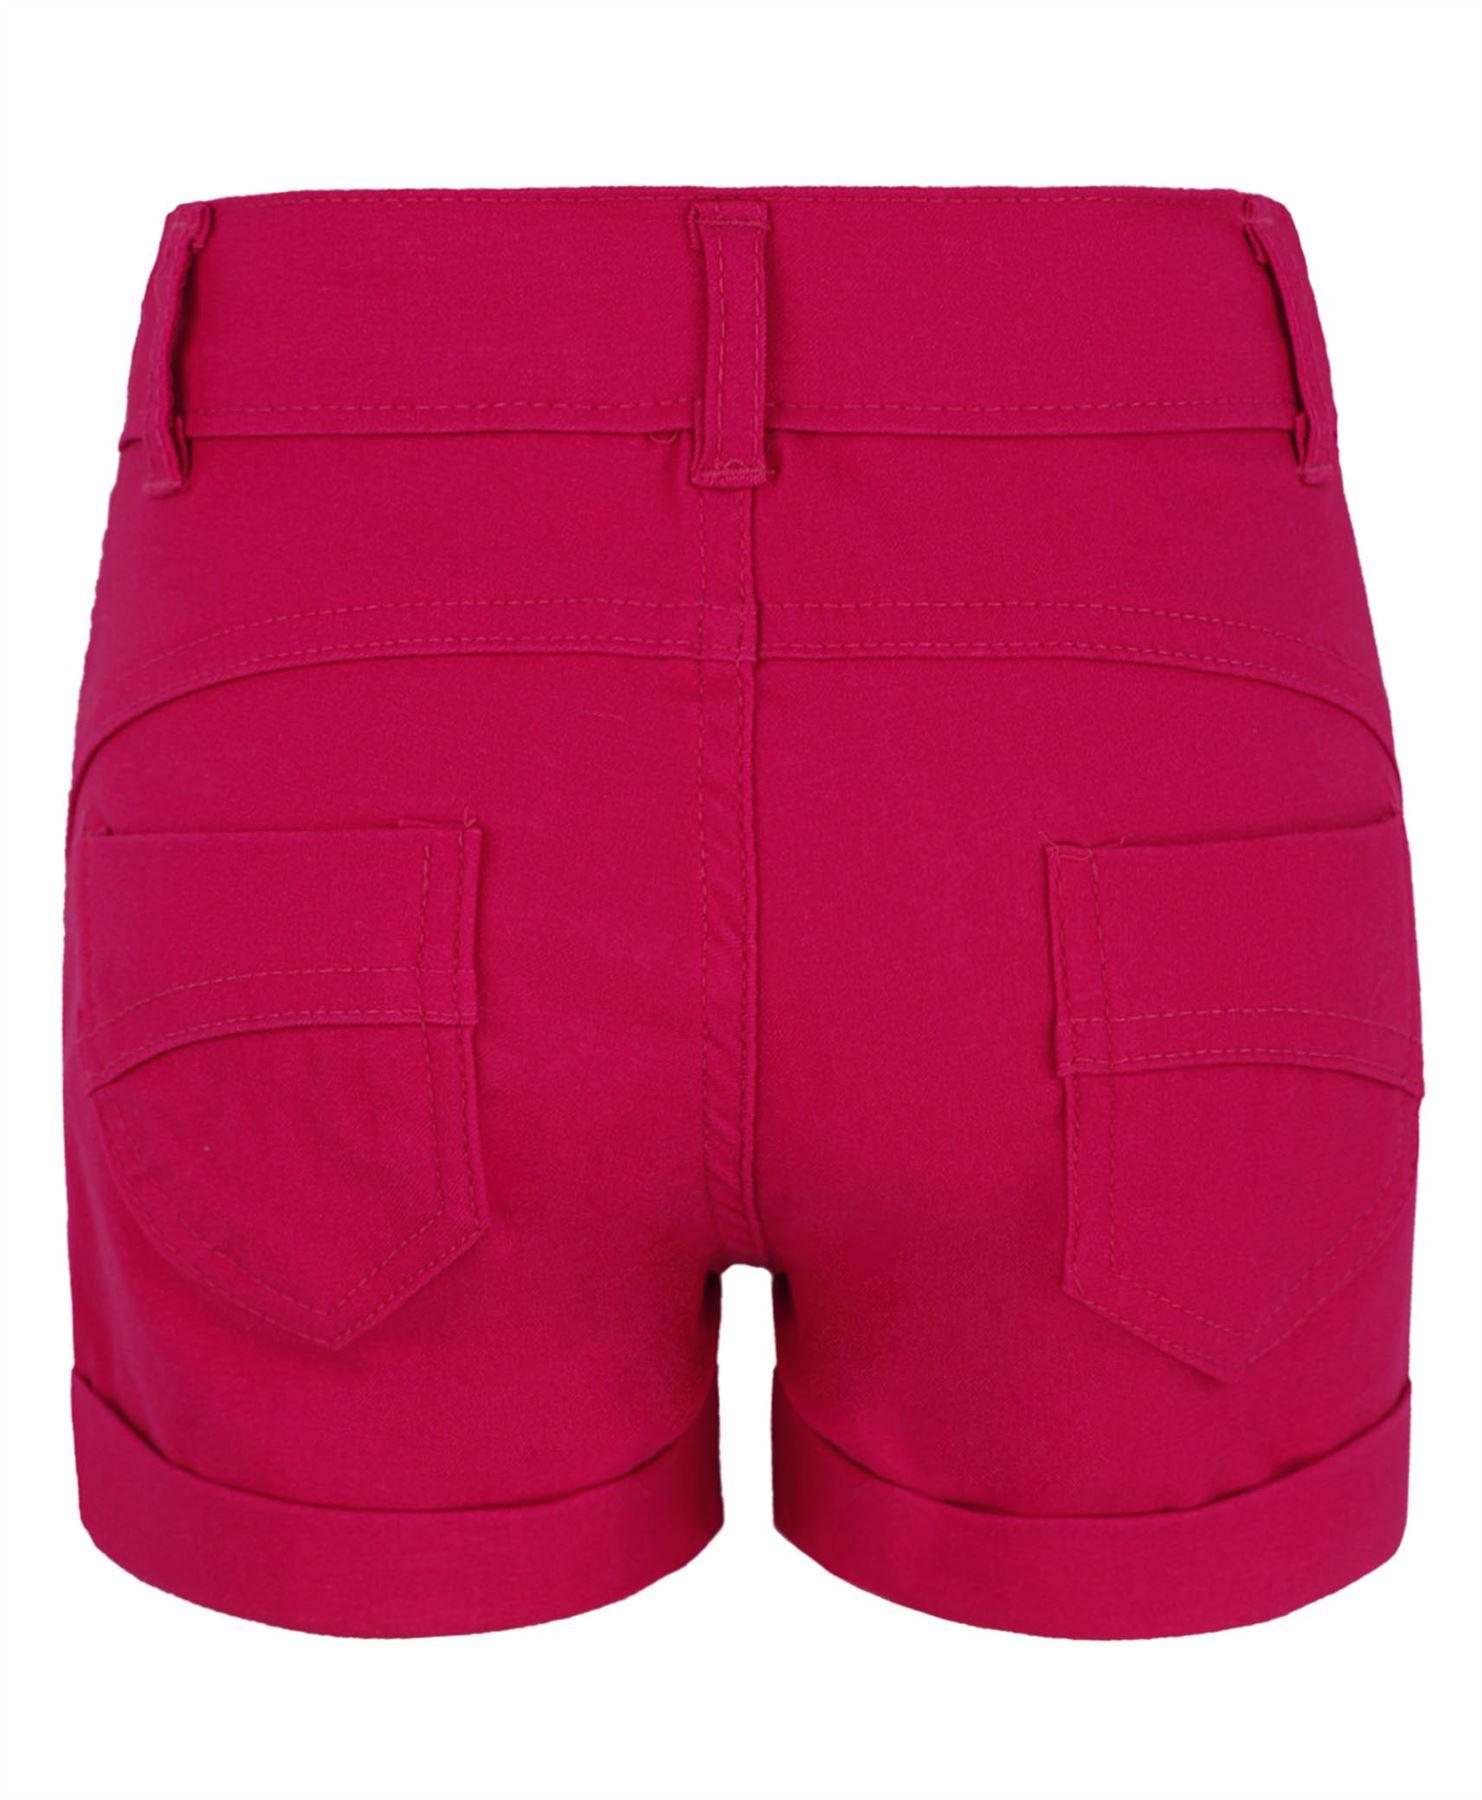 filles-shorty-extensible-couleur-ourlet-roule-Melange-de-COTON-MODE-TAILLE-1-1